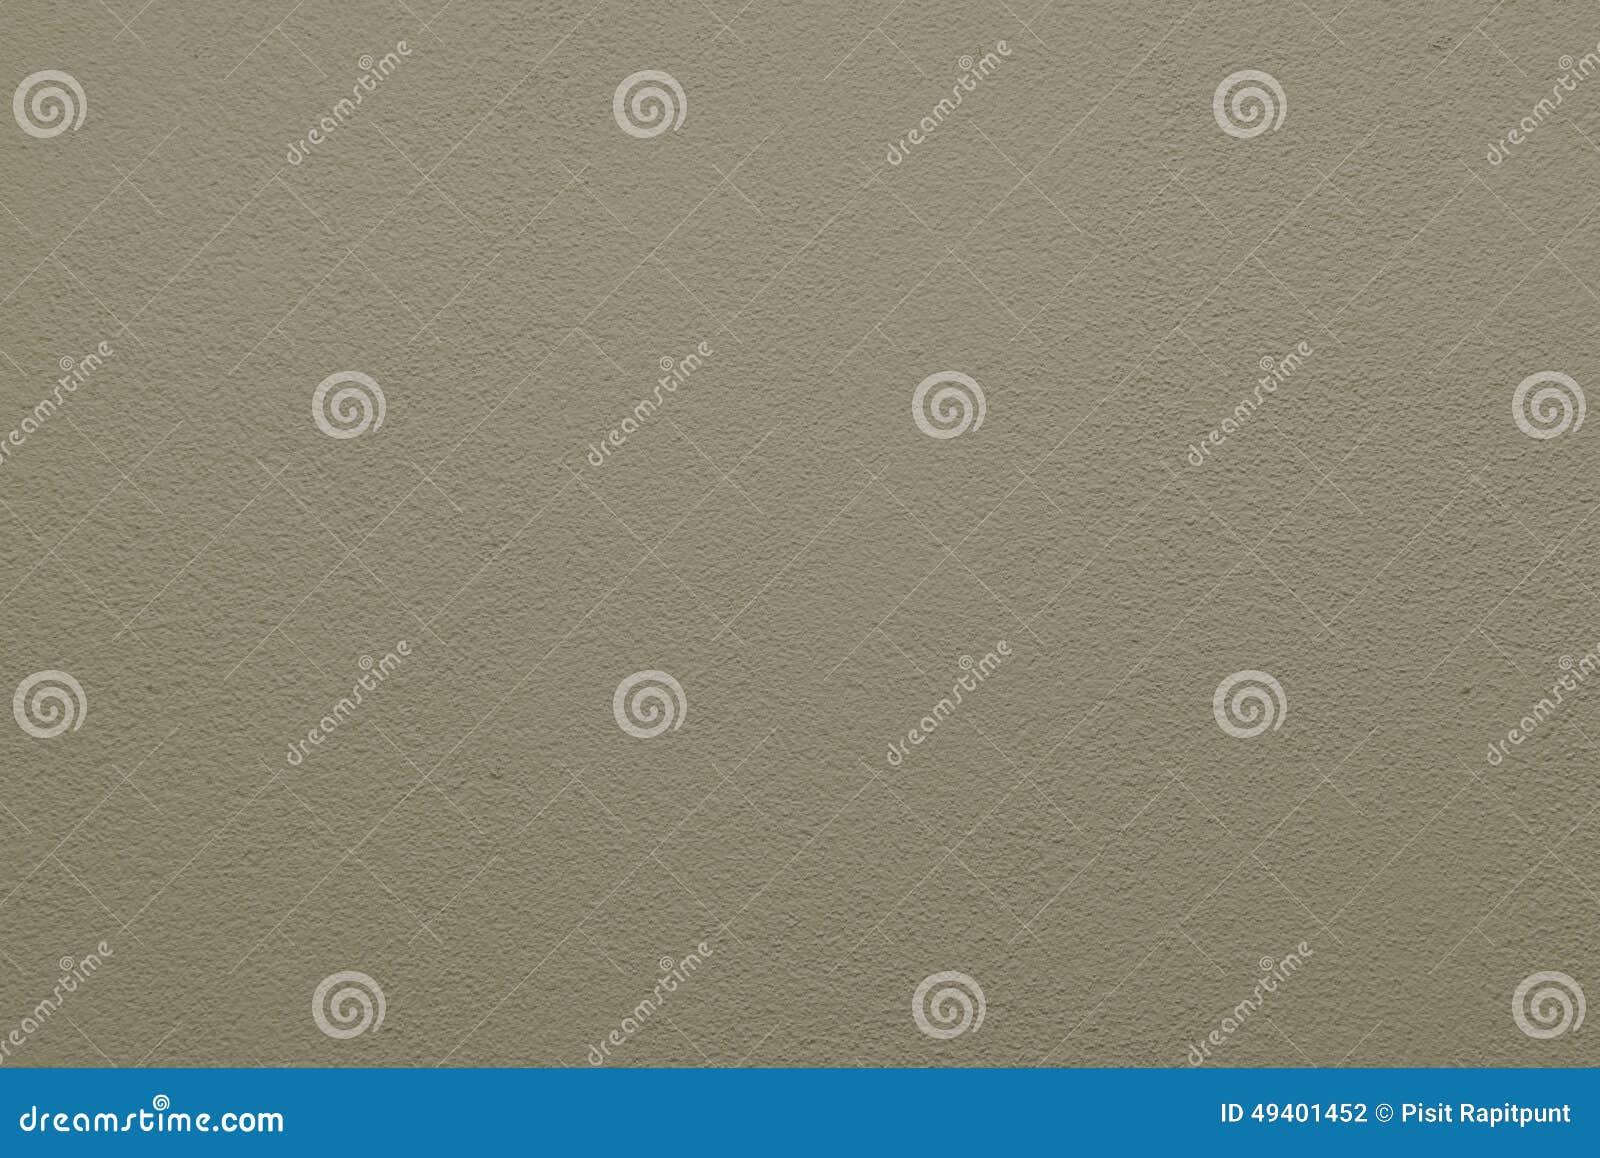 Download Zementputzwandhintergrund stockfoto. Bild von grunge - 49401452